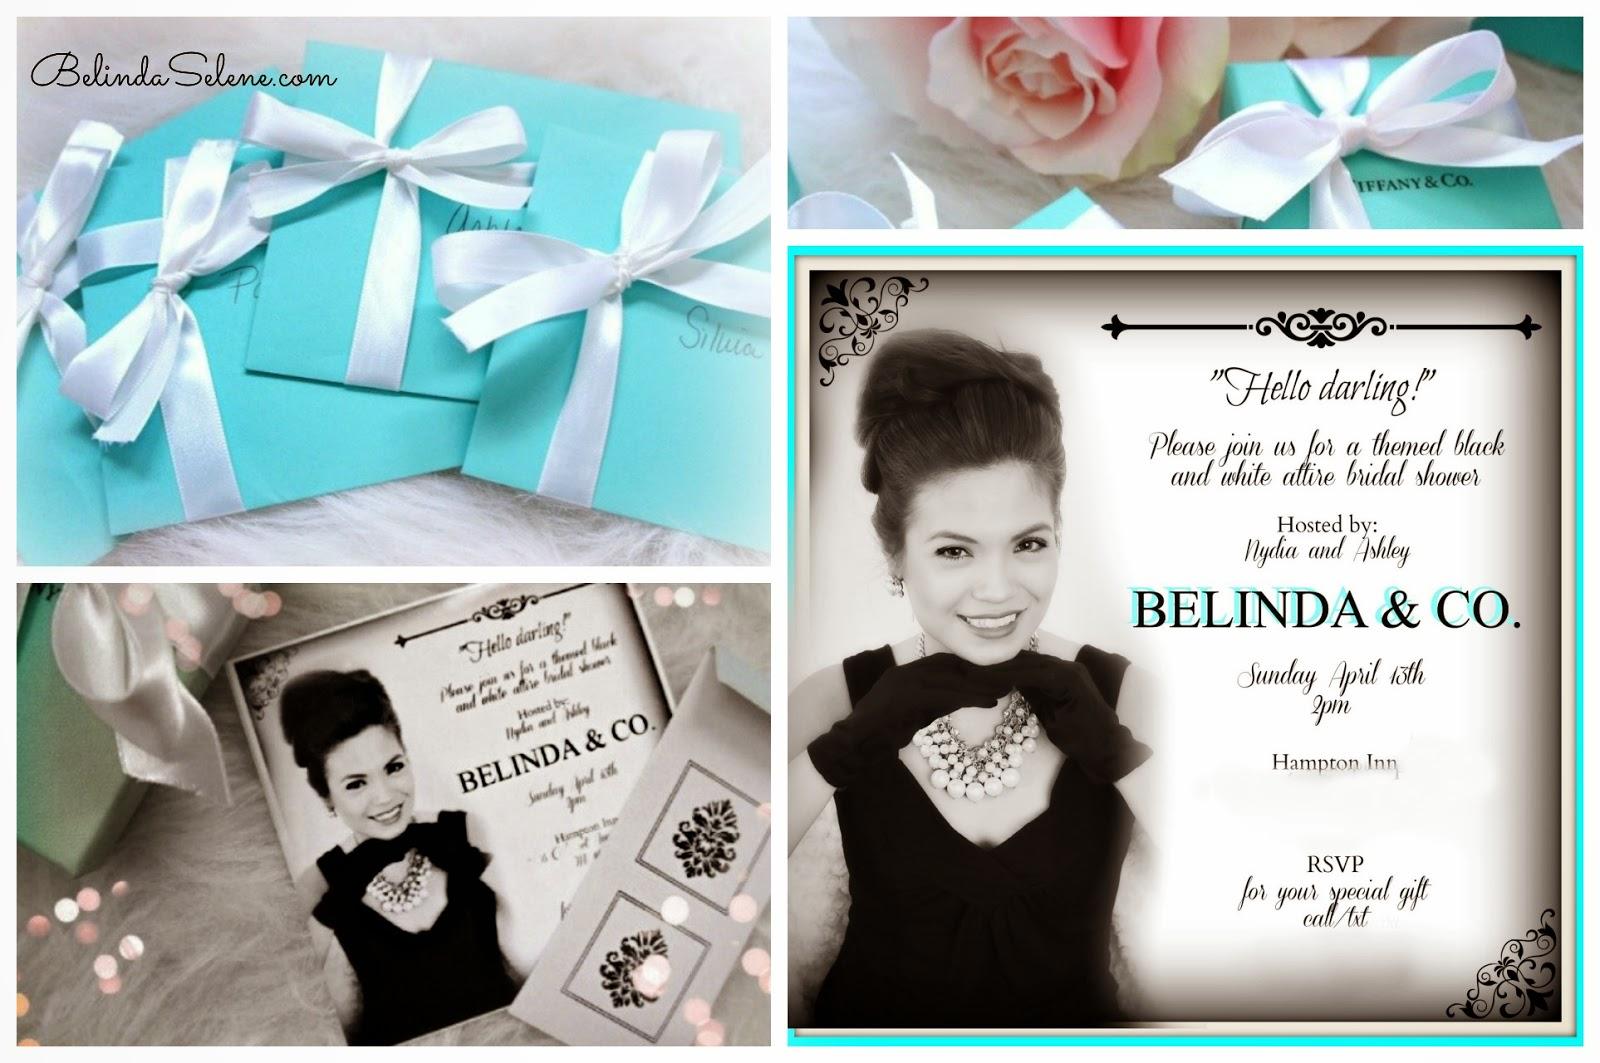 BelindaSelene: Tiffany And Co. Bridal Shower